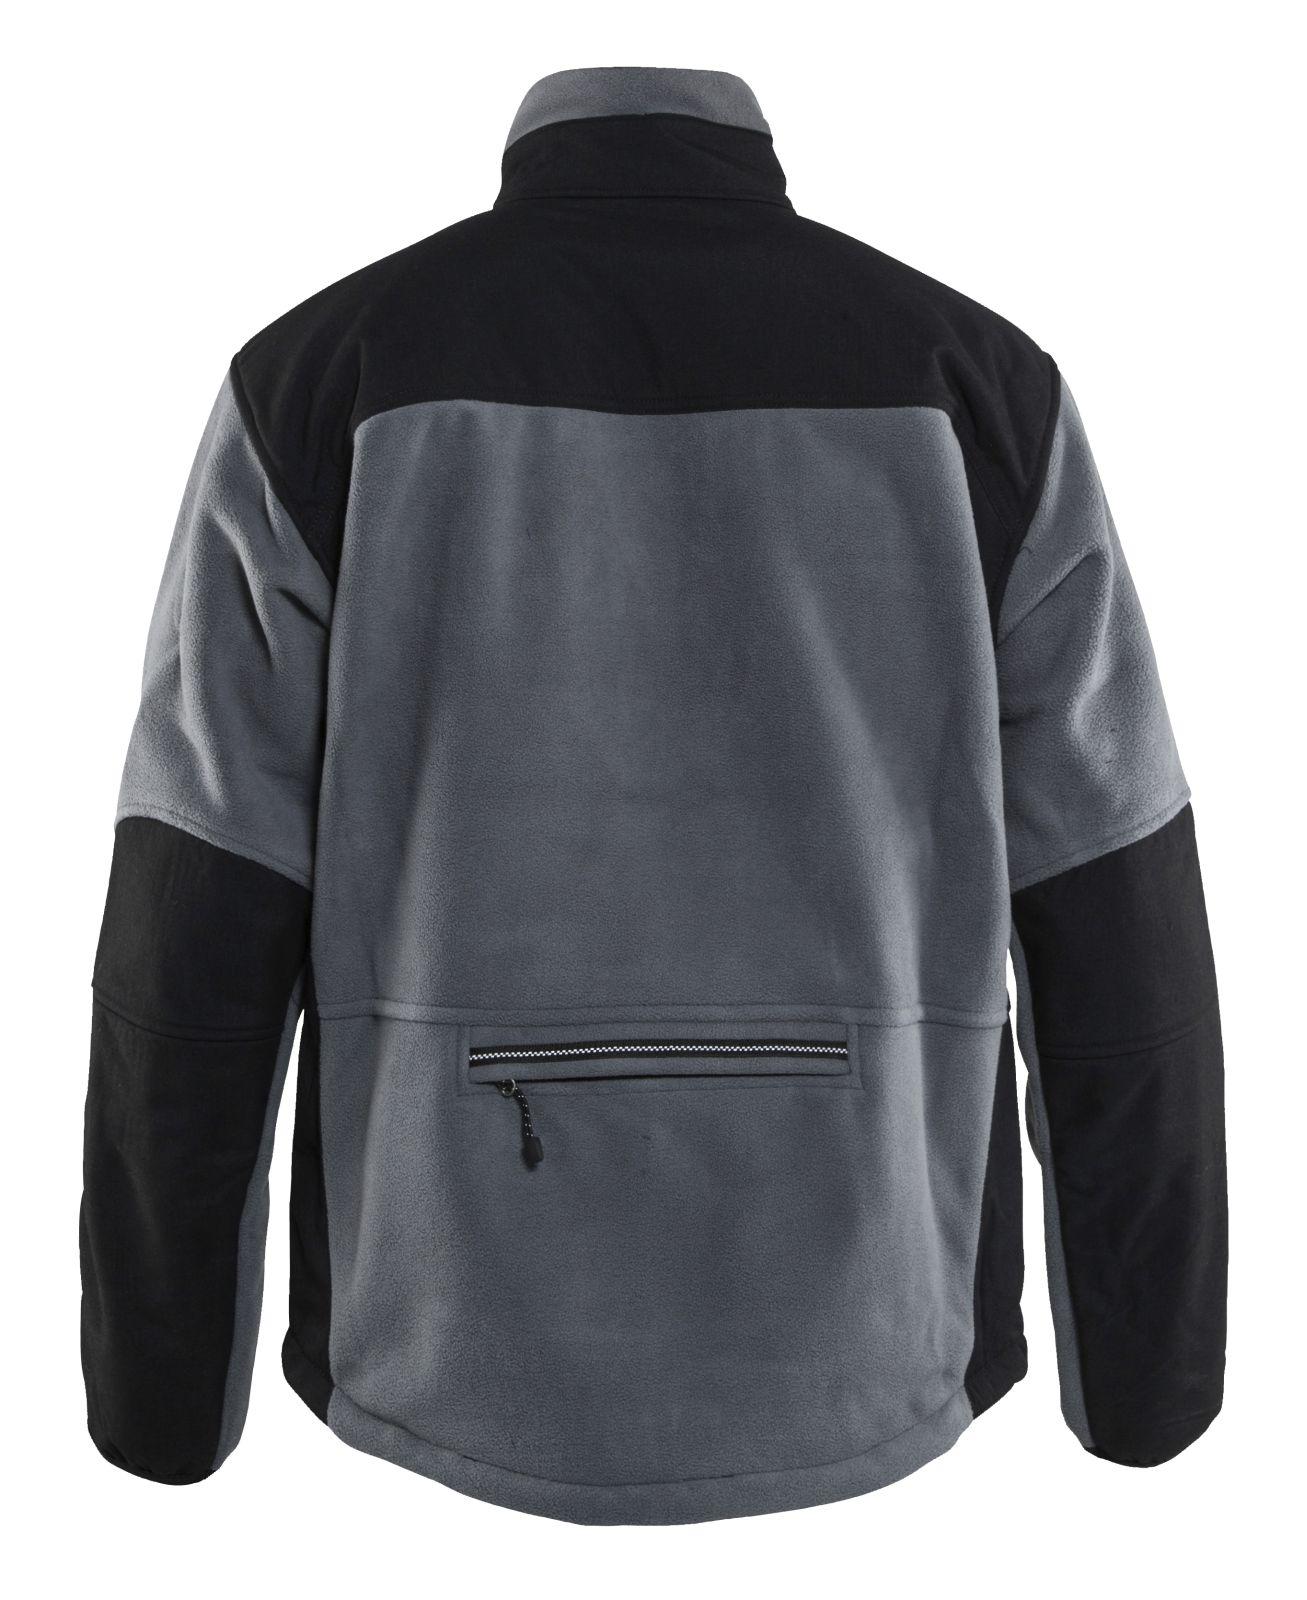 Blaklader Fleece jassen 48352520 grijs-zwart(9499)